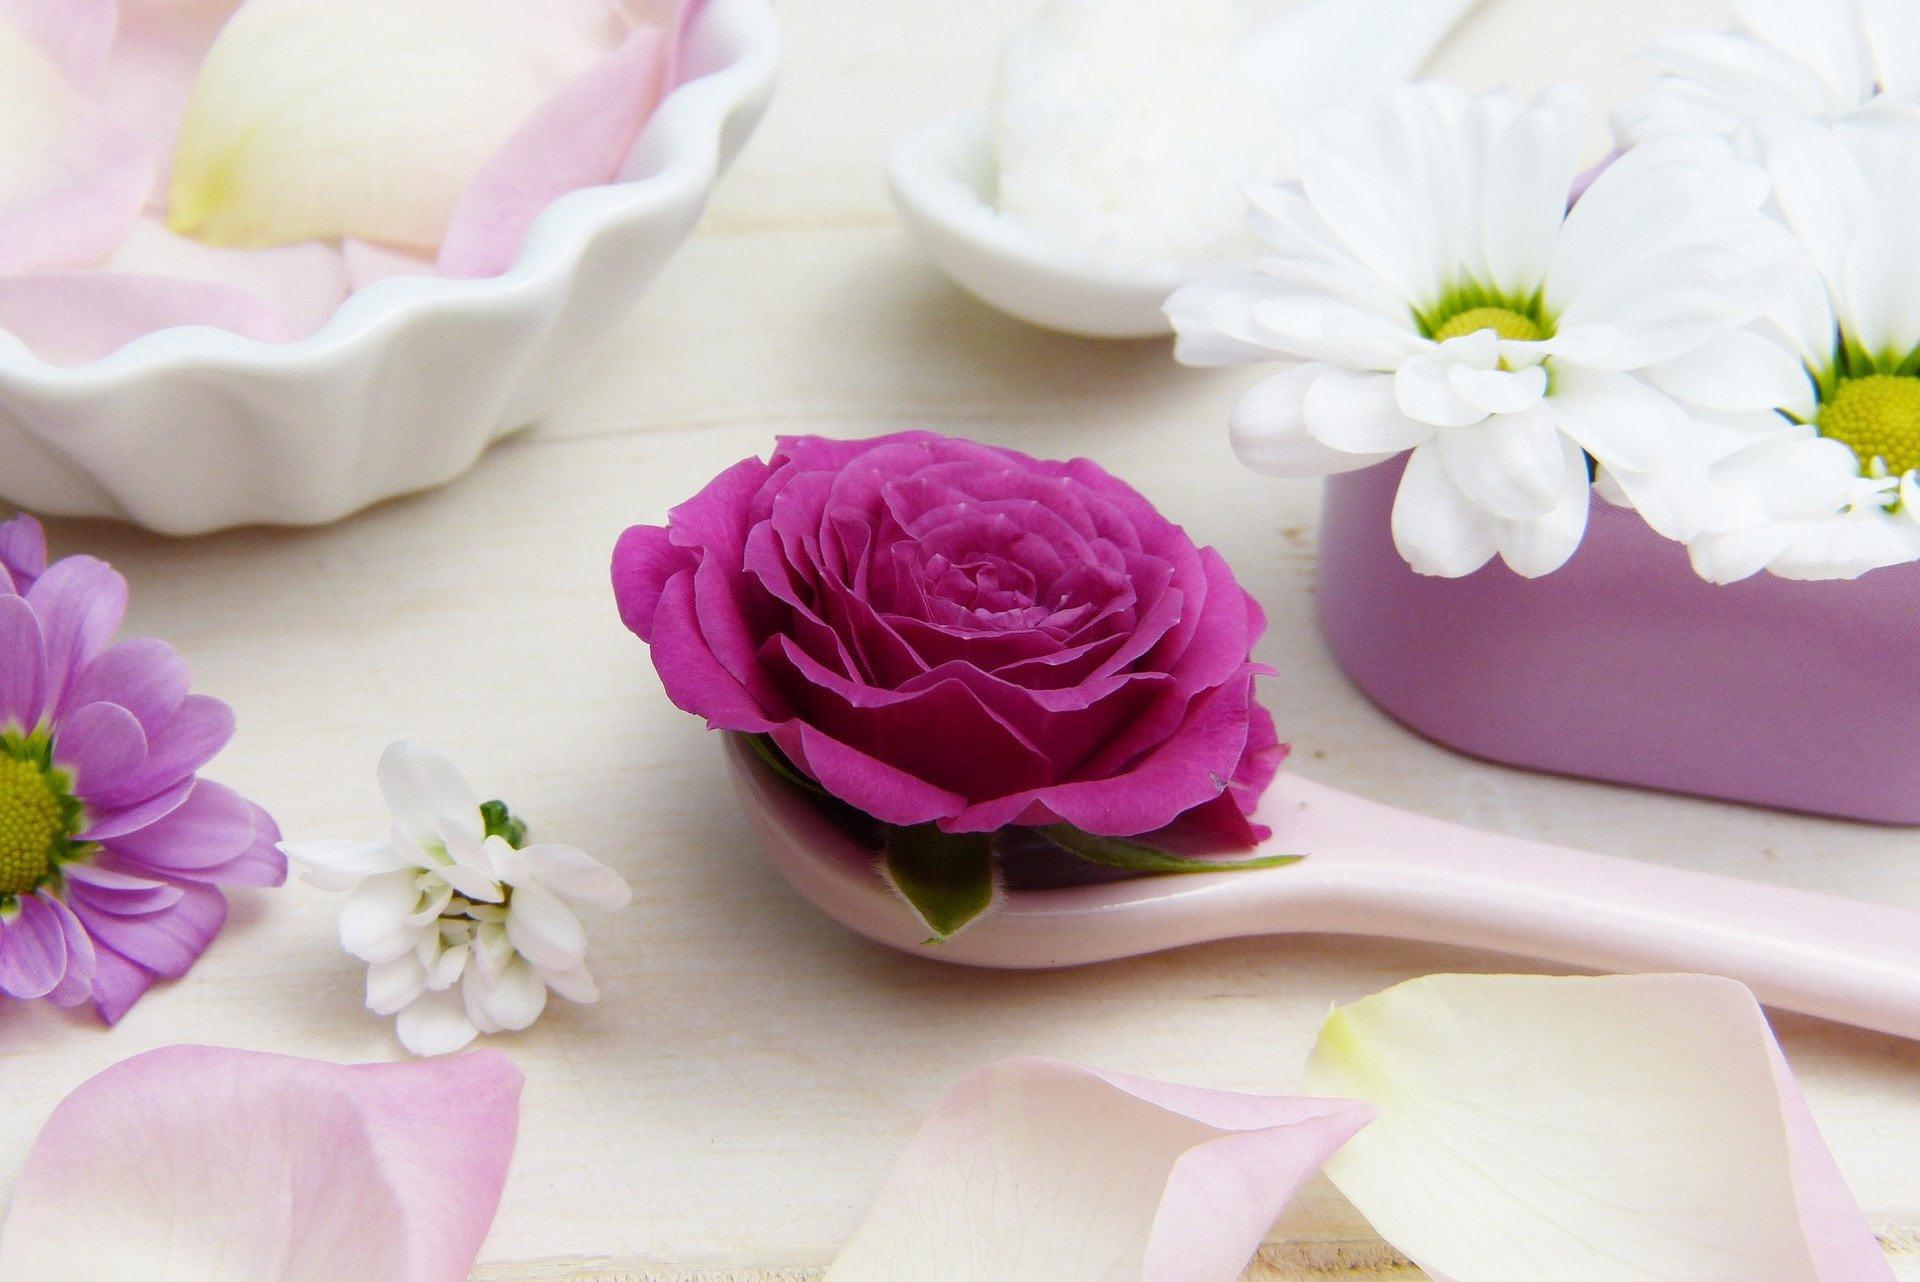 роза върху лъжичка и маргаритки